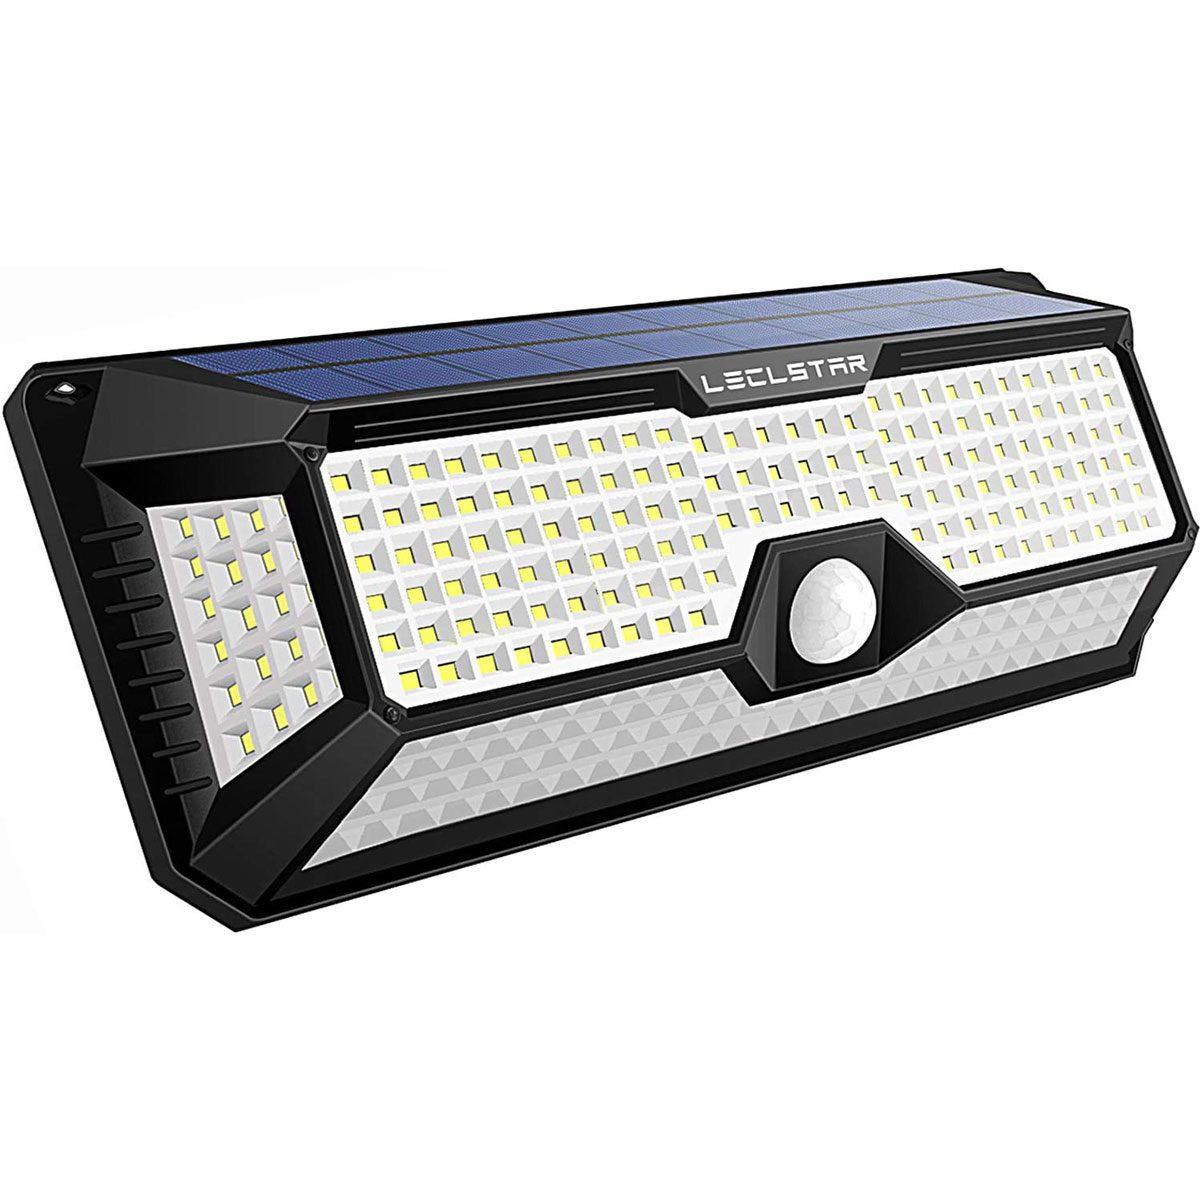 LECLSTAR Security Lights 71rlxxa33ml. Ac Sl1500